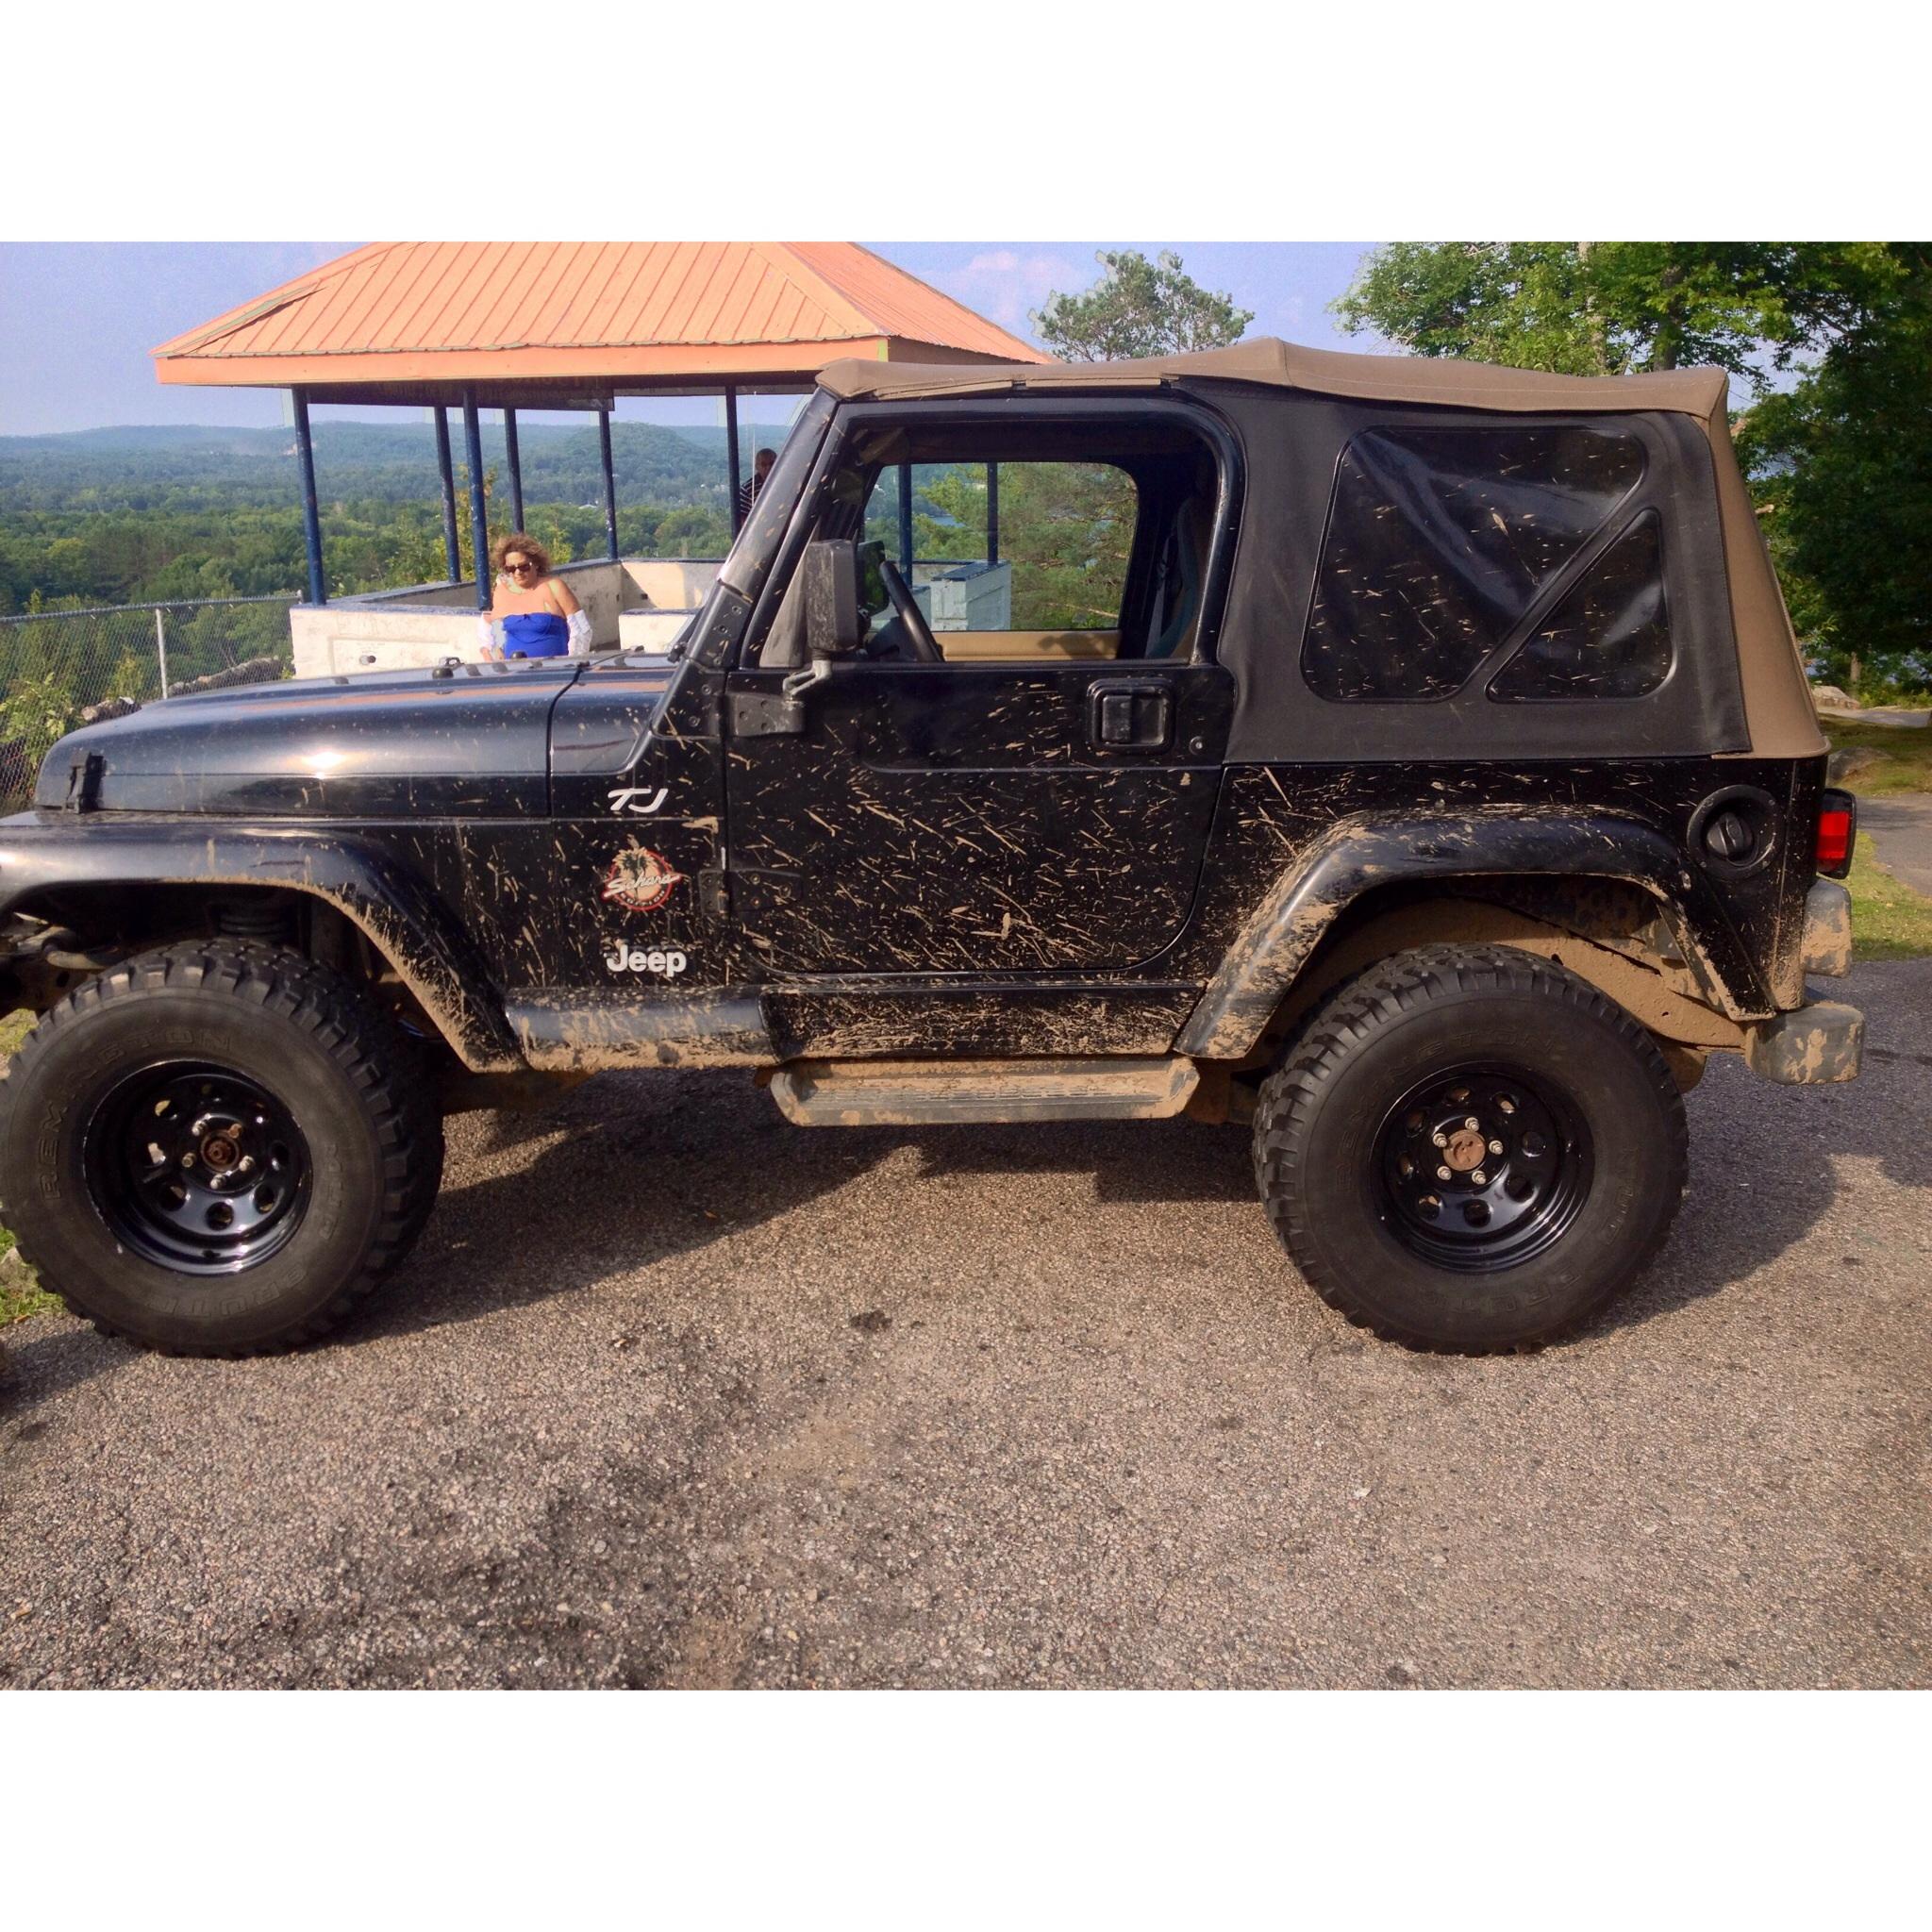 Procomp Remington mud brutes tj lifted